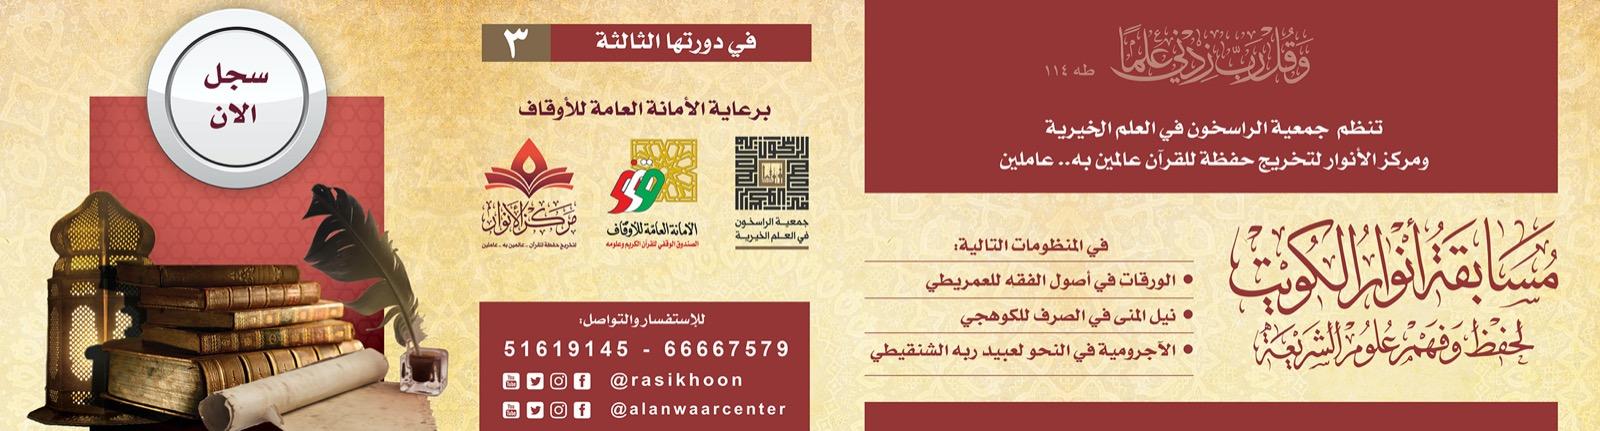 مسابقه-انوار-الكويت-٣